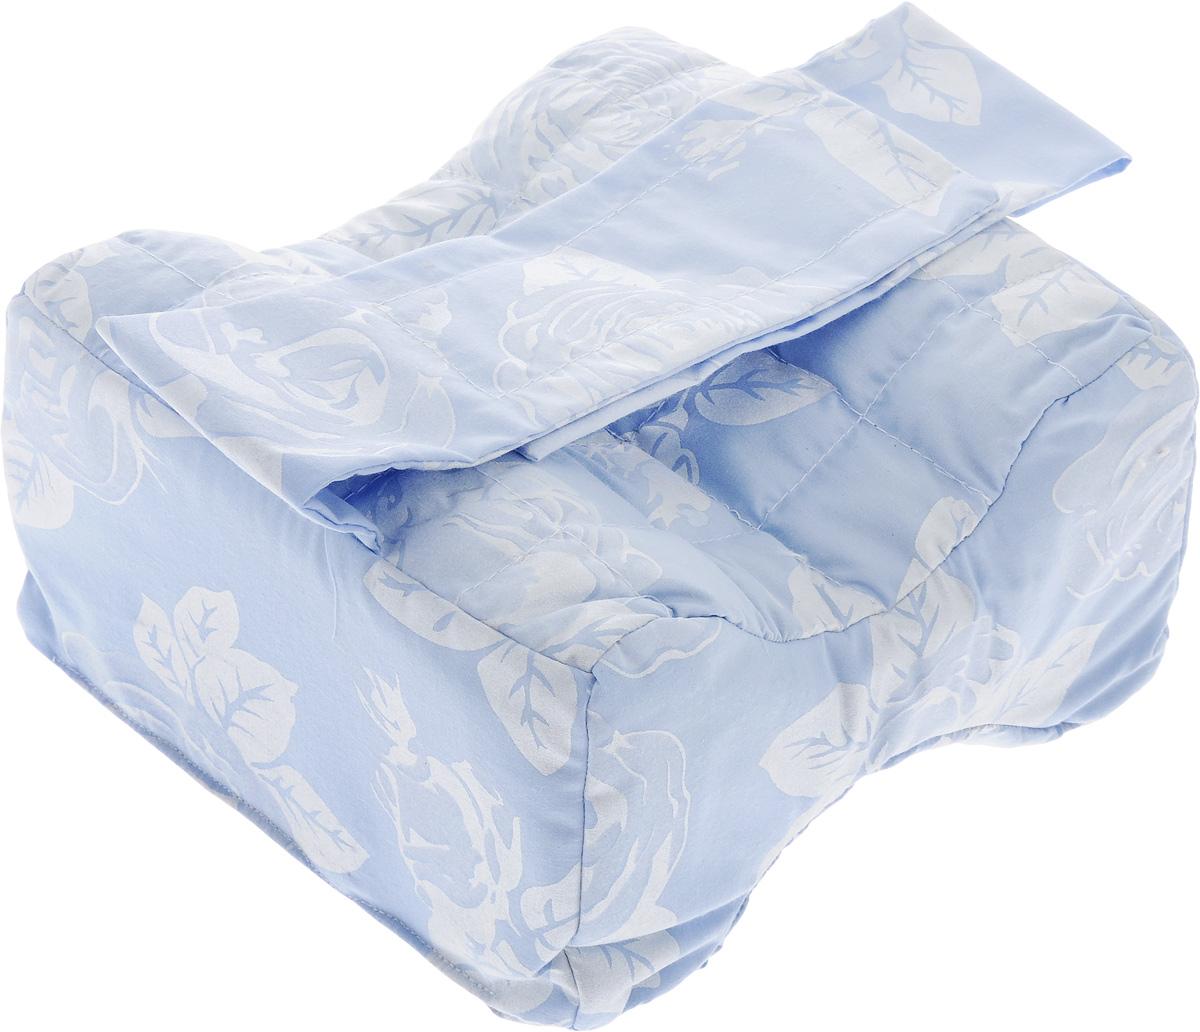 Подушка для ног Smart Textile Удобный сон, наполнитель: лузга гречихи, 21 х 12 х 20 смC230Подушка для ног Smart Textile Удобный сон наполнена лепестками лузги гречихи, которые обладают ортопедическим эффектом и являются экологически чистым материалом. Такая подушка идеально подходит для сна на боку и исключает неудобное положение ног. Форма изделия снижает давление одного колена на другое. Благодаря наполнителю из лепестков лузги гречихи подушка сохраняет комфортную температуру, препятствует потению, обминается по форме тела, обеспечивает микромассаж кожи и поверхностных мышц, что в свою очередь улучшает кровообращение, исключает затечность ног.Чехол подушки выполнен из тиковой ткани, которая хорошо удерживает наполнитель и надолго сохраняет форму.Особенно хорошо подходит для домашнего ухода для людей с постельным режимом.Рекомендации по уходу:Стирка, отбеливание и глажка утюгом запрещены.Рекомендуется обычная химчистка, а также сушка на горизонтальной плоскости в тени.